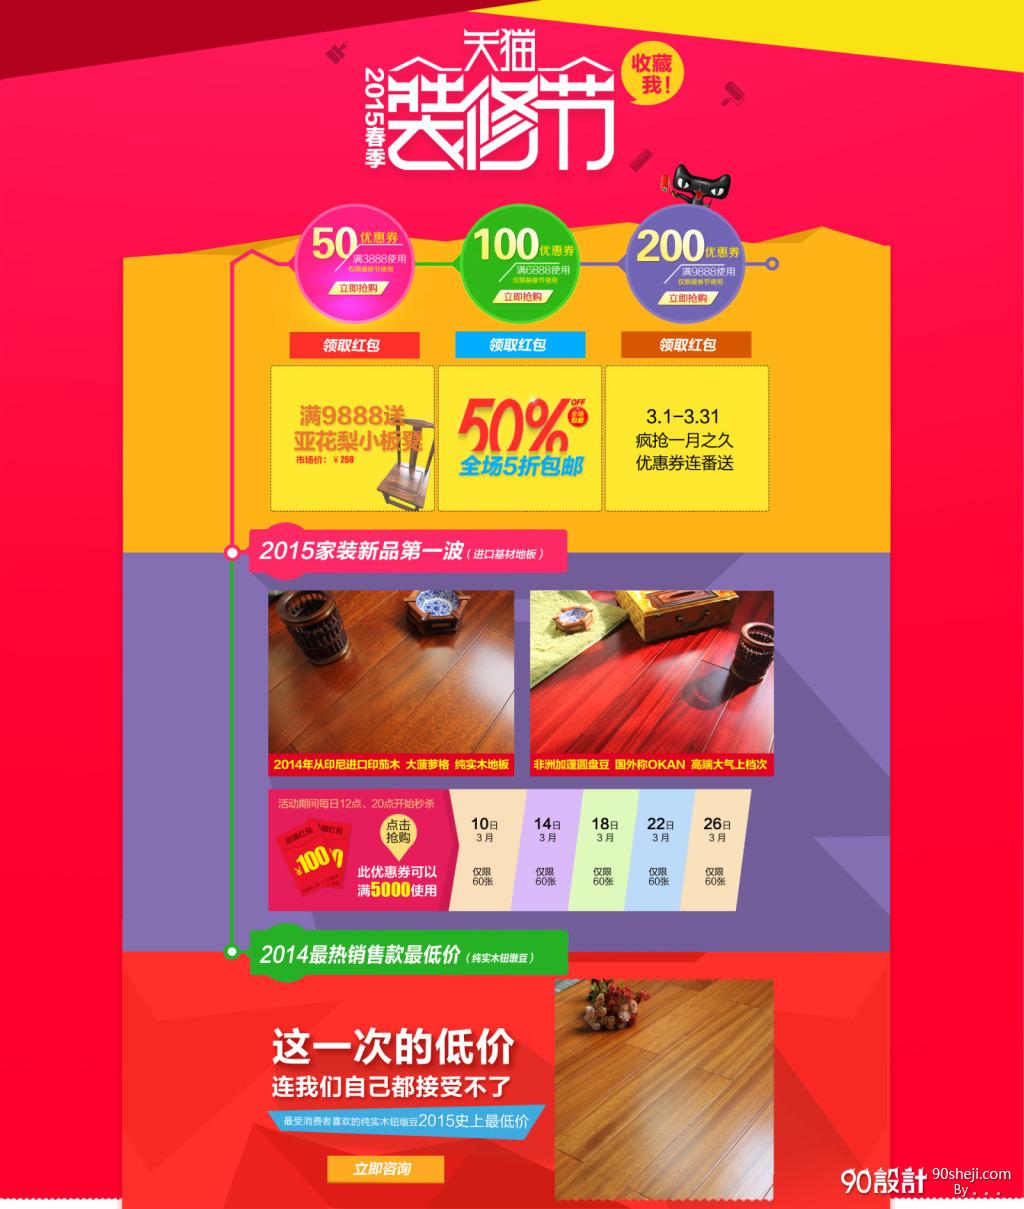 淘宝天猫首页地板家装装修节_店铺首页设计_90设计90.